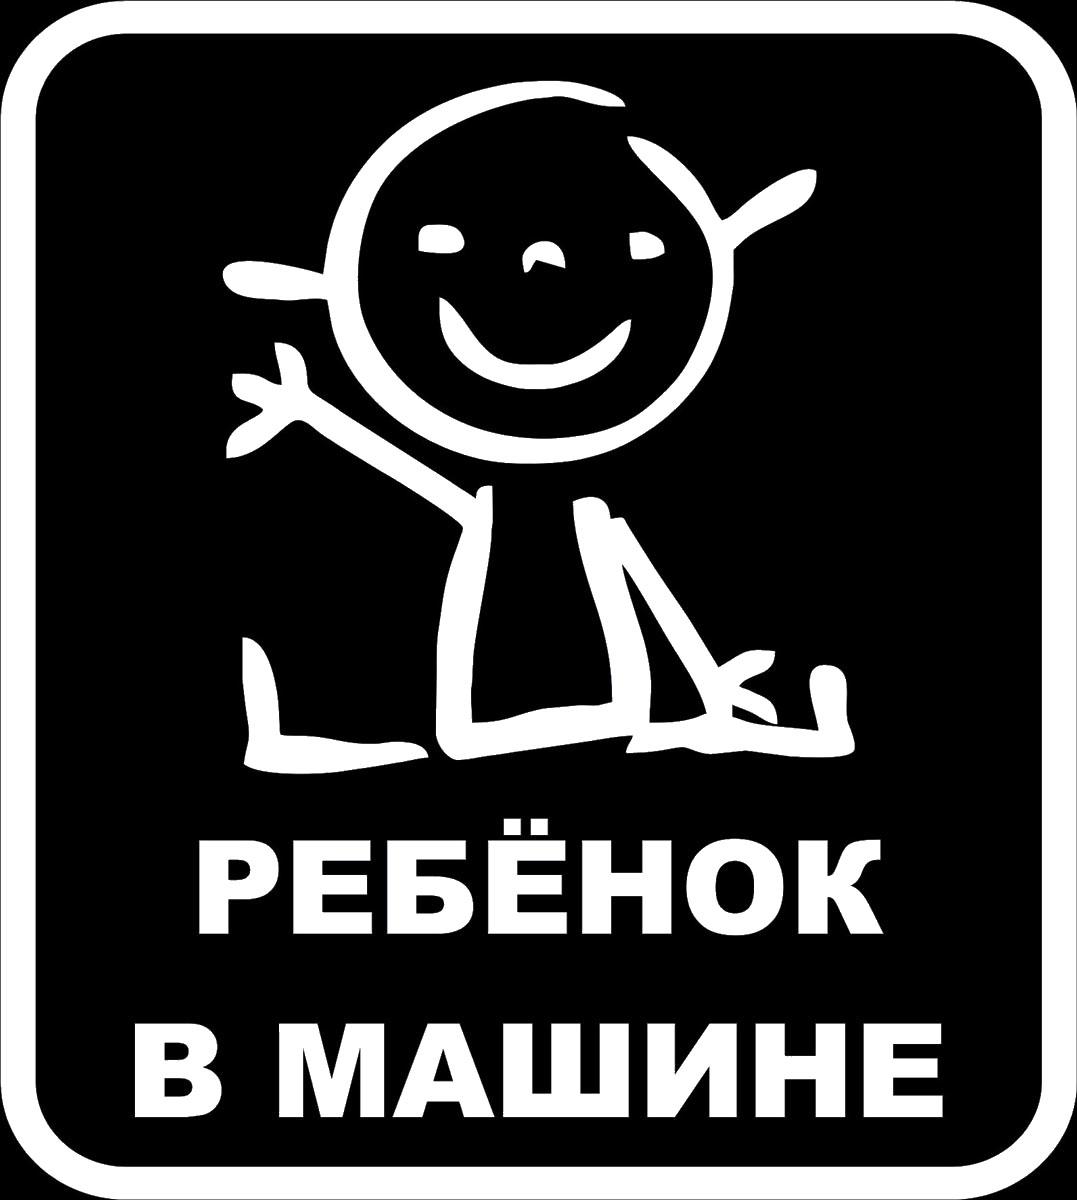 Наклейка автомобильная Оранжевый слоник Ребенок в машине, виниловая, цвет: белый150RM00021WОригинальная наклейка Оранжевый слоник Ребенок в машине изготовлена из высококачественного винила, который выполняет не только декоративную функцию, но и защищает кузов от небольших механических повреждений, либо скрывает уже существующие.Виниловые наклейки на авто - это не только красиво, но еще и быстро! Всего за несколько минут вы можете полностью преобразить свой автомобиль, сделать его ярким, необычным, особенным и неповторимым!